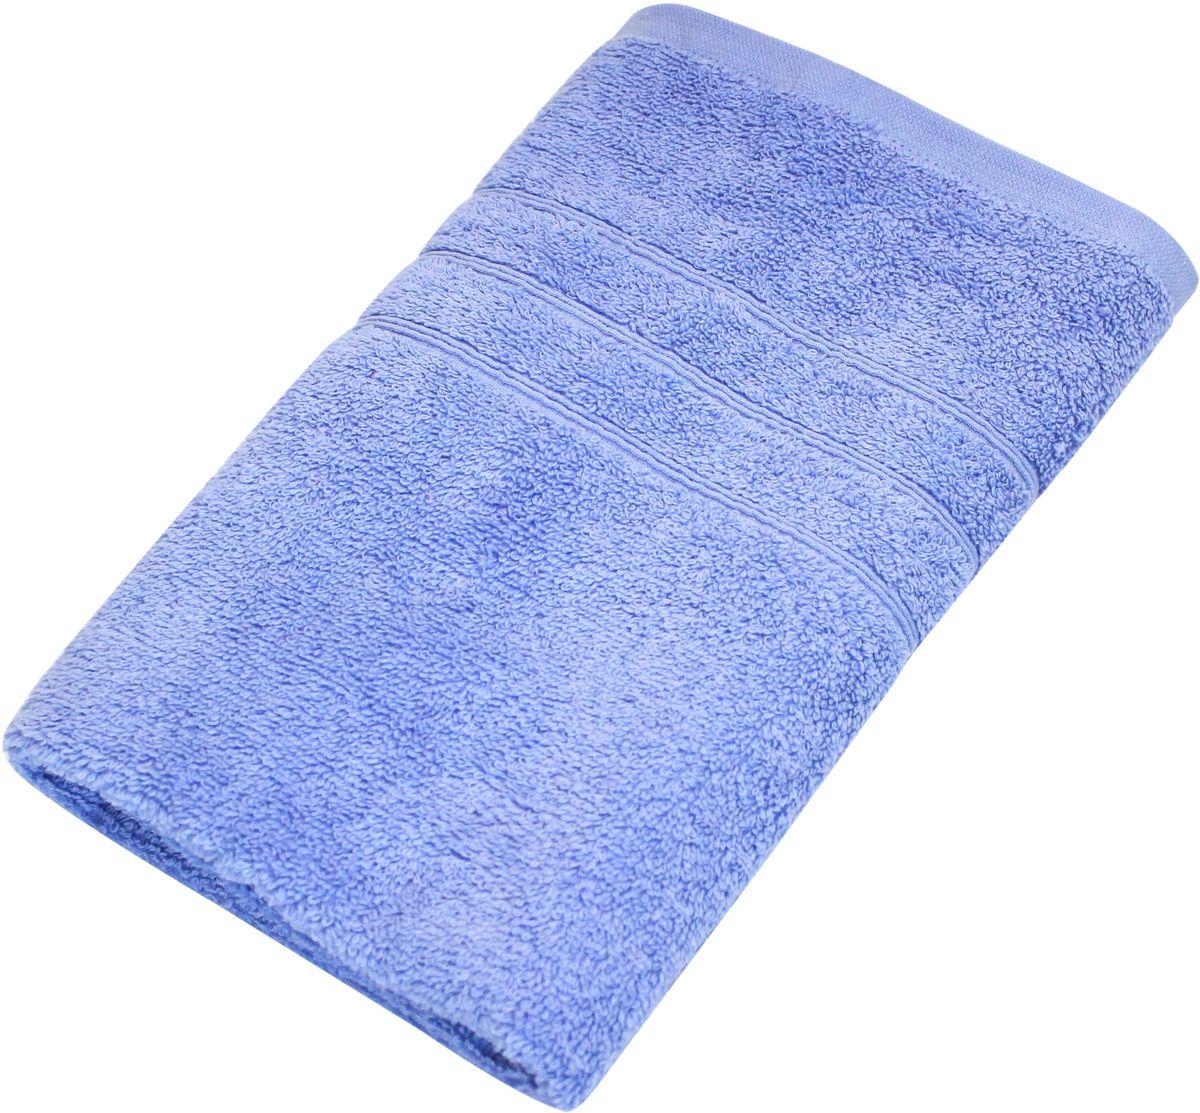 Полотенце Proffi Home Модерн, цвет: голубой, 50 x 100 смPH3268Мягкое махровое полотенцеProffi Home Модерн отлично впитывает влагу и быстро сохнет, приятно в него завернуться после принятия ванны или посещения сауны. Поэтому данное махровое полотенце можно использовать в качестве душевого, банного или пляжного полотенца. Состав: 100% хлопок.